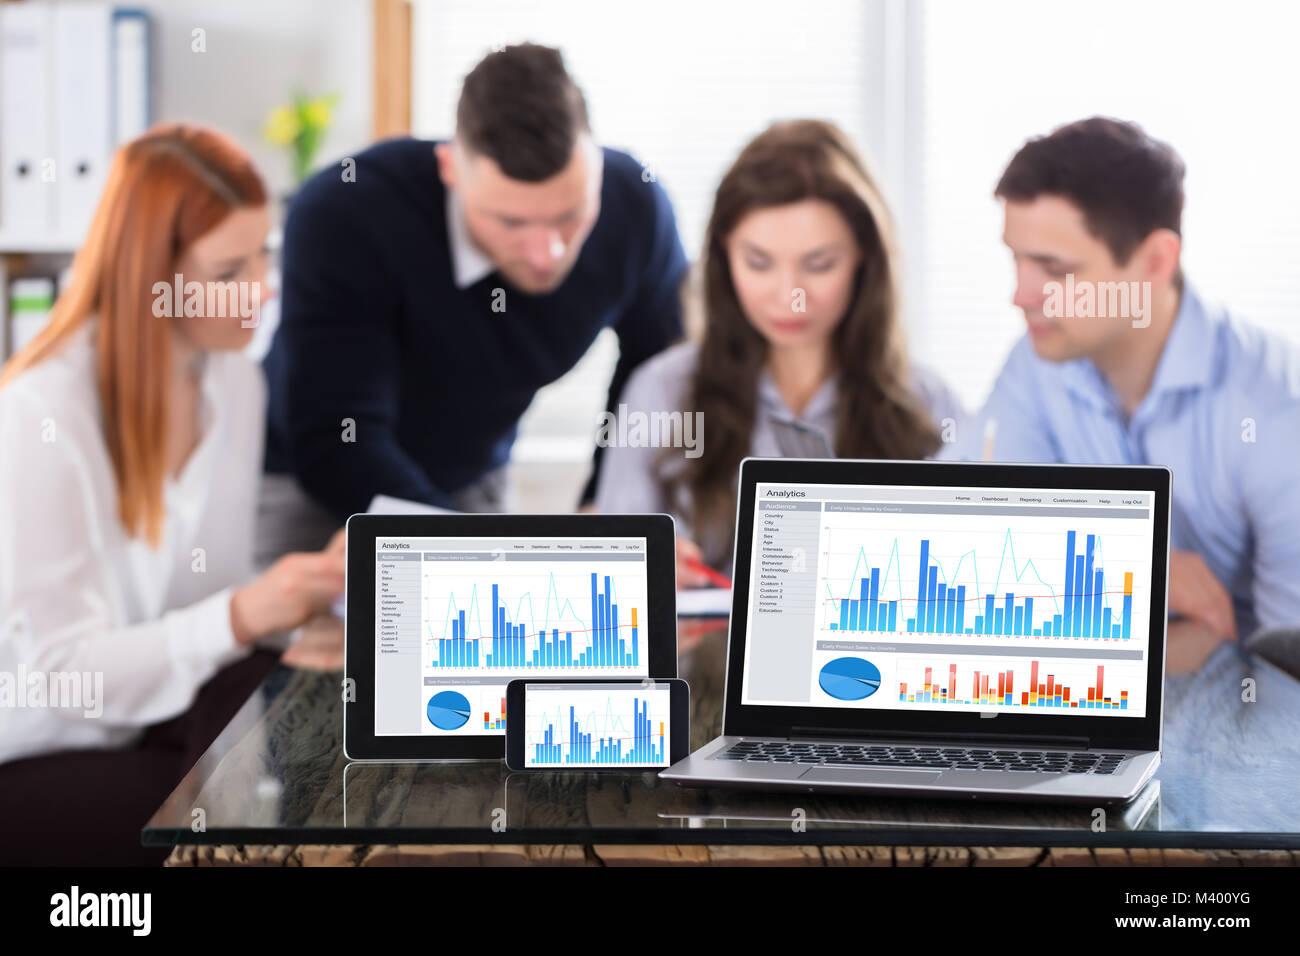 Affichage graphique sur divers appareils électroniques modernes sur l'écran Bureau Bureau Photo Stock